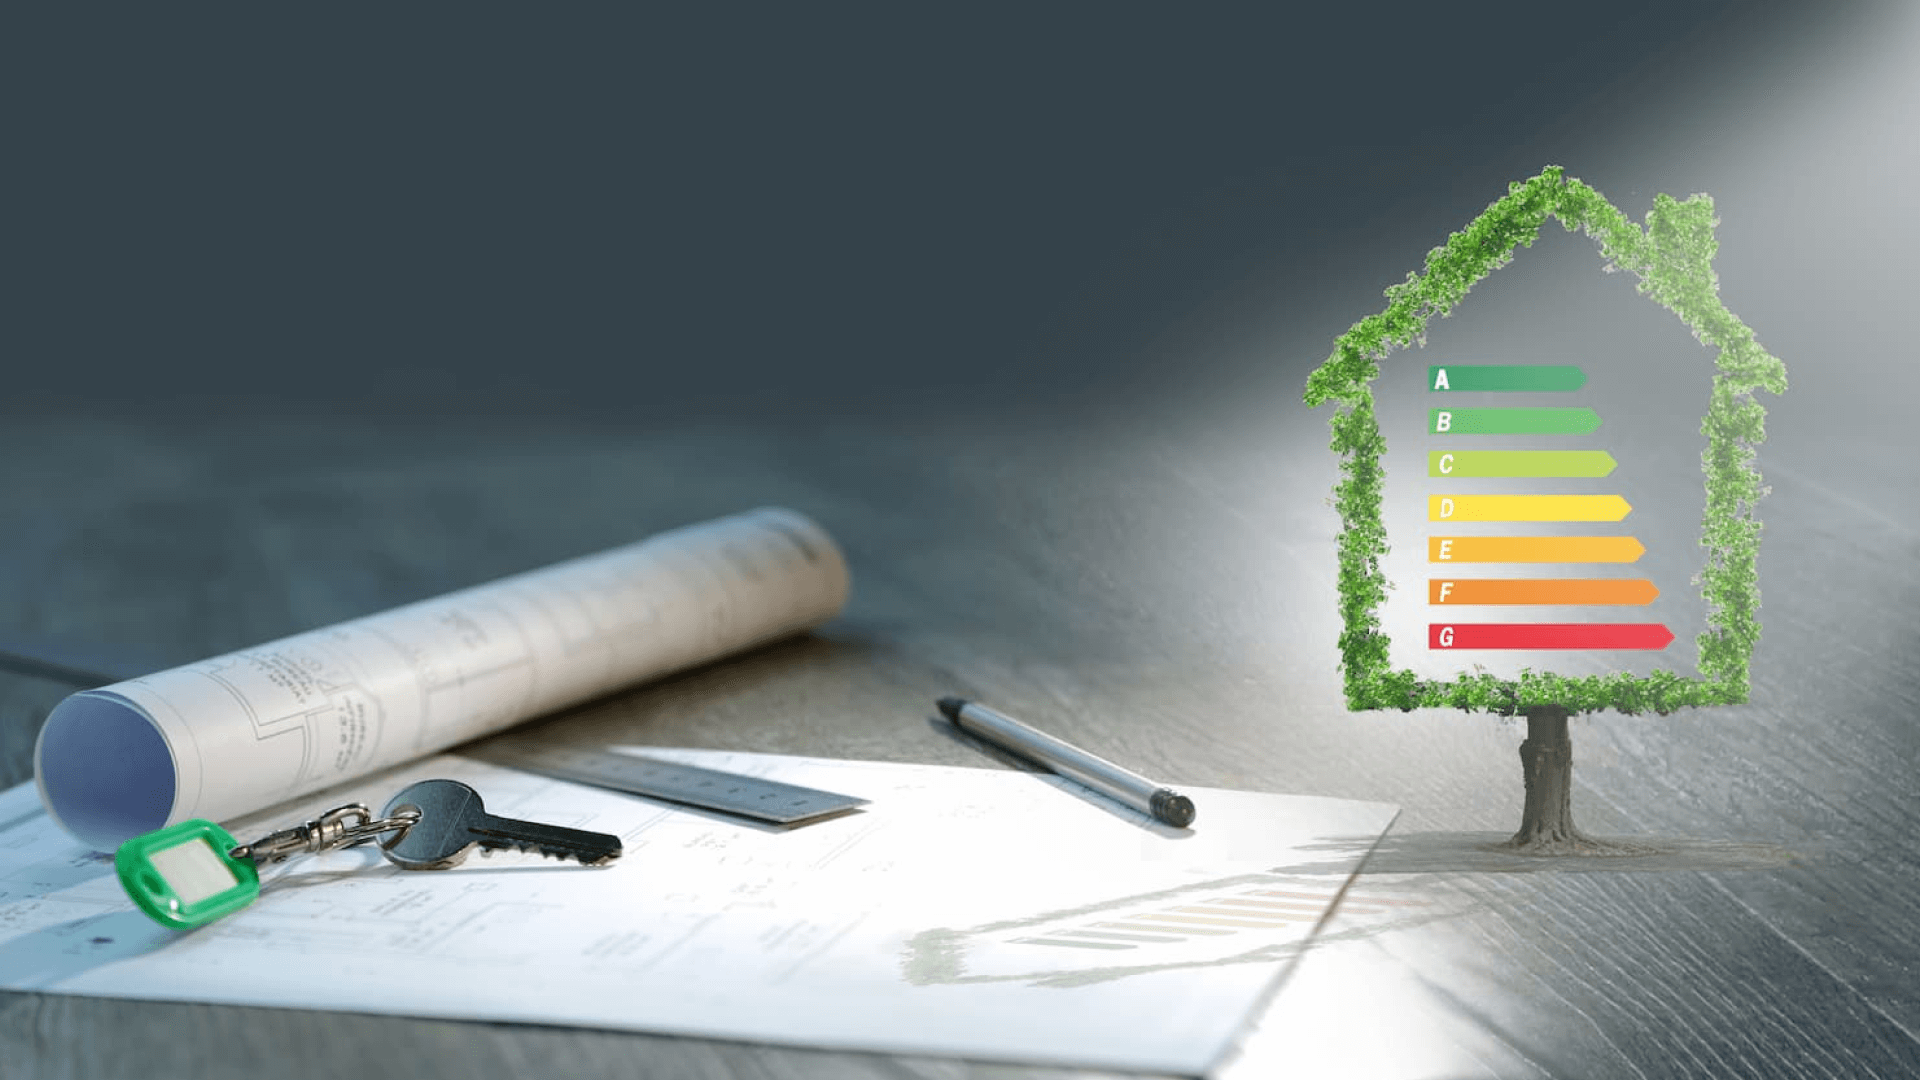 Découvrez comment financer facilement votre audit énergétique grâce à l'aide MaPrimeRénov' !